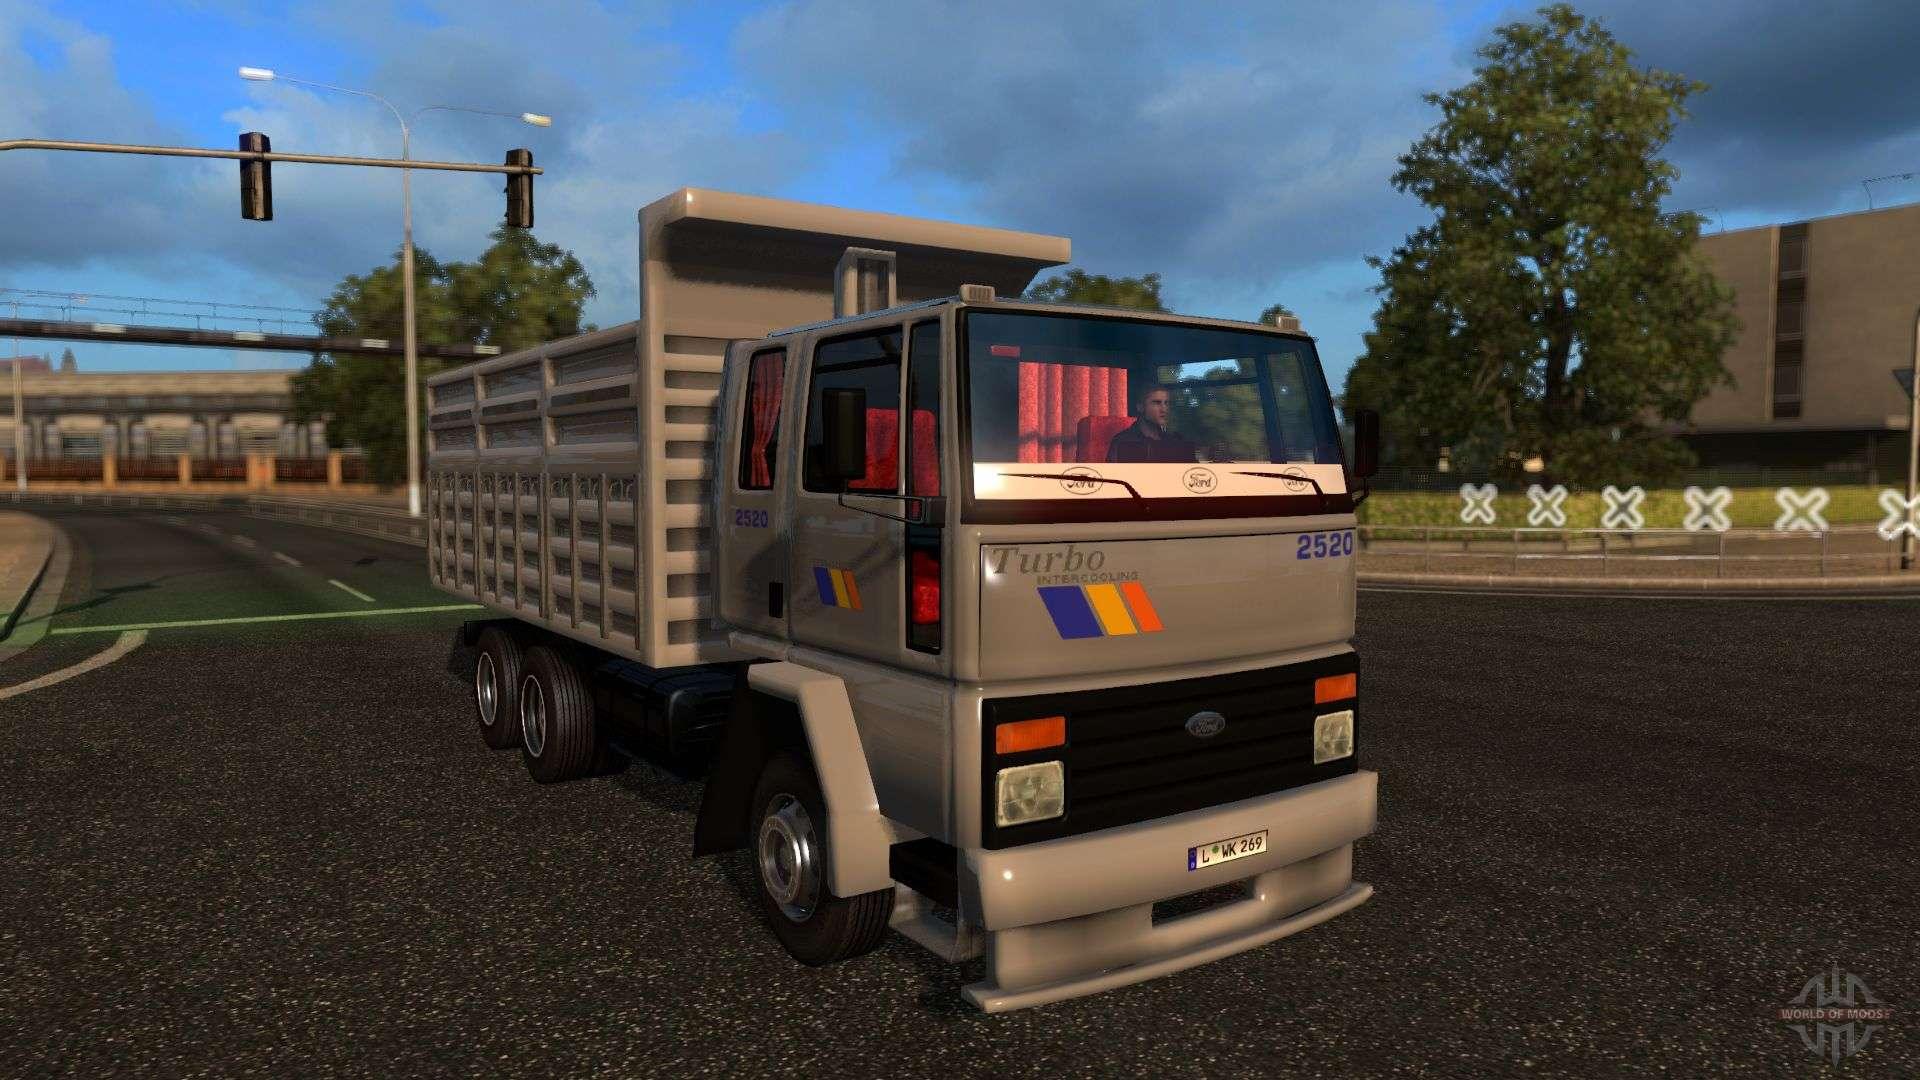 Euro Truck Simulator 2 Patch. Apporte des corrections de bug au jeu de simulation de conduite. Ceux qui rêvent de passer leur vie à sillonner les routes apprécieront certainement le logiciel euro-truck-simulator-2-patch qui vous permettra de vous mettre dans la peau d'un routier ayant pour...